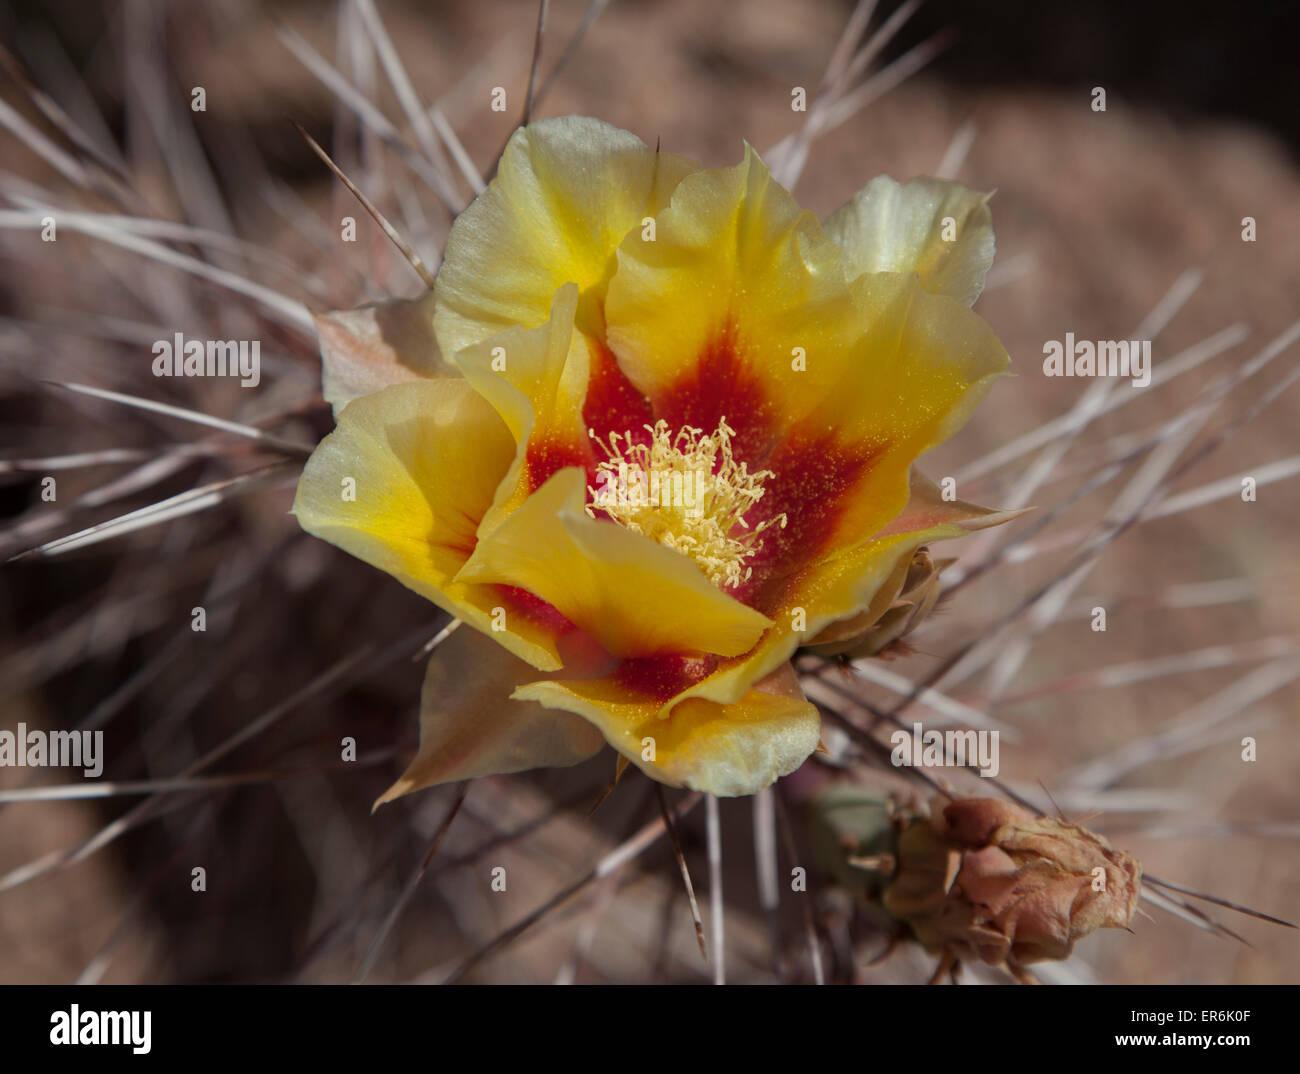 Prickly Pear Cactus Flower in der Nähe von Phoenix, Arizona, Vereinigte Staaten Stockbild